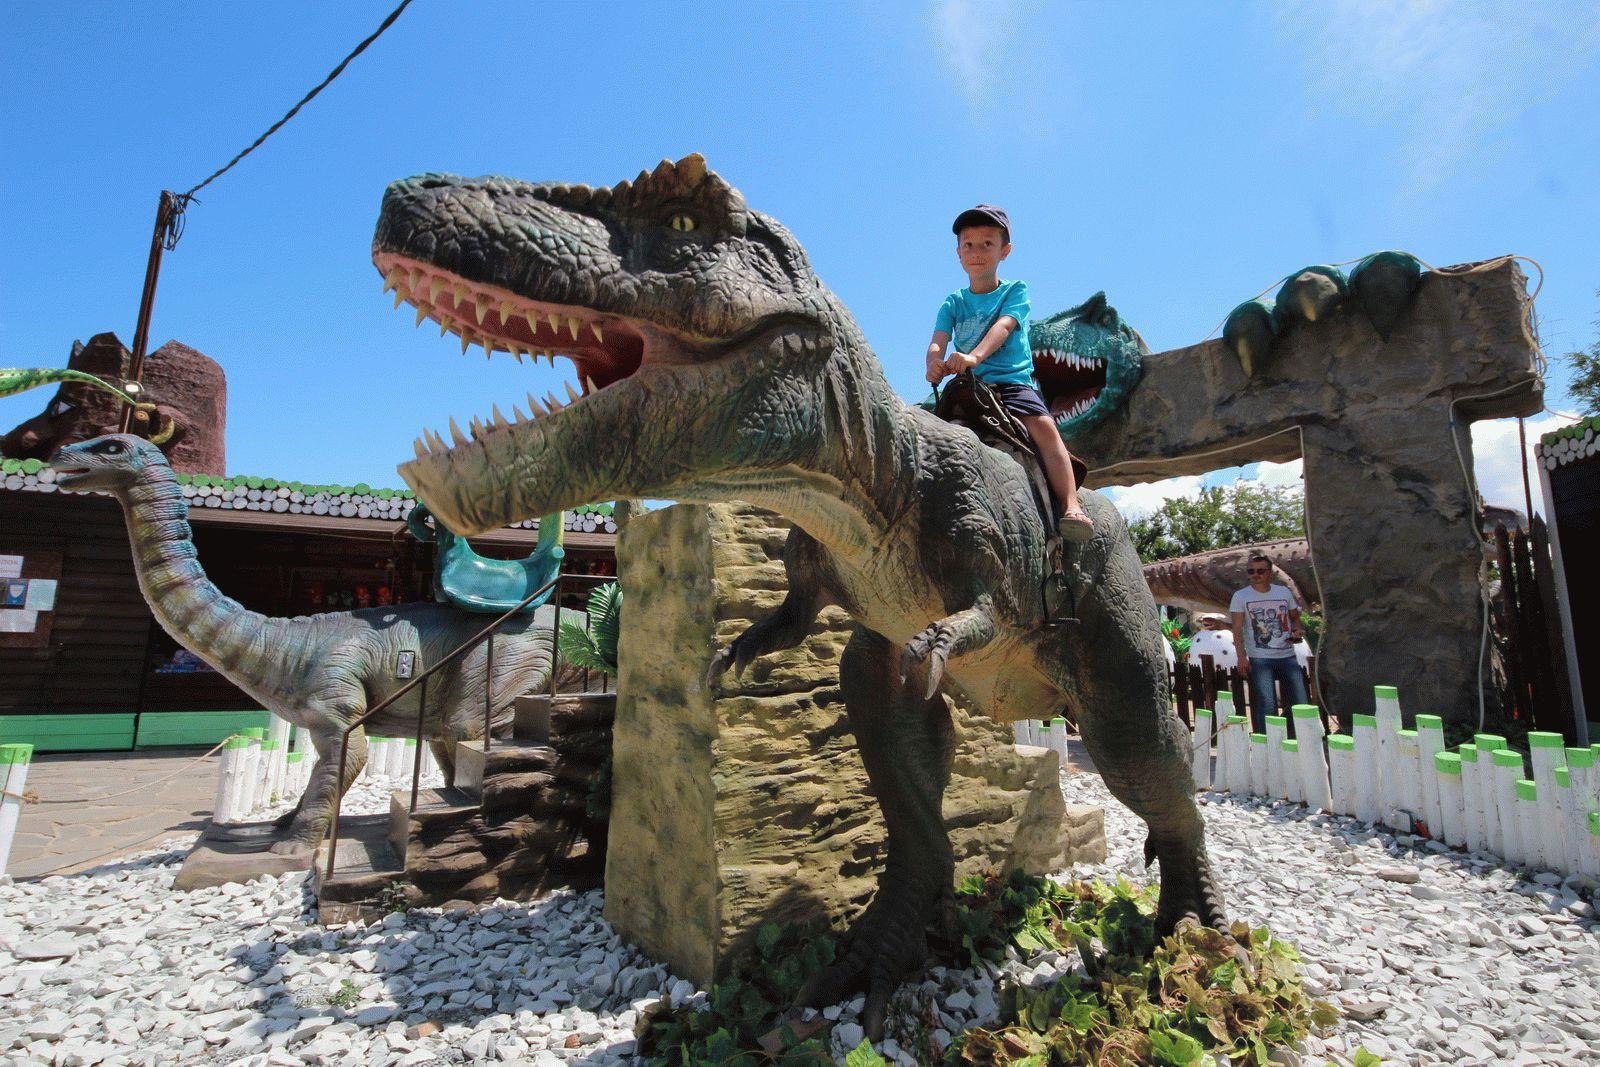 Покататься на динозавре в Анапе